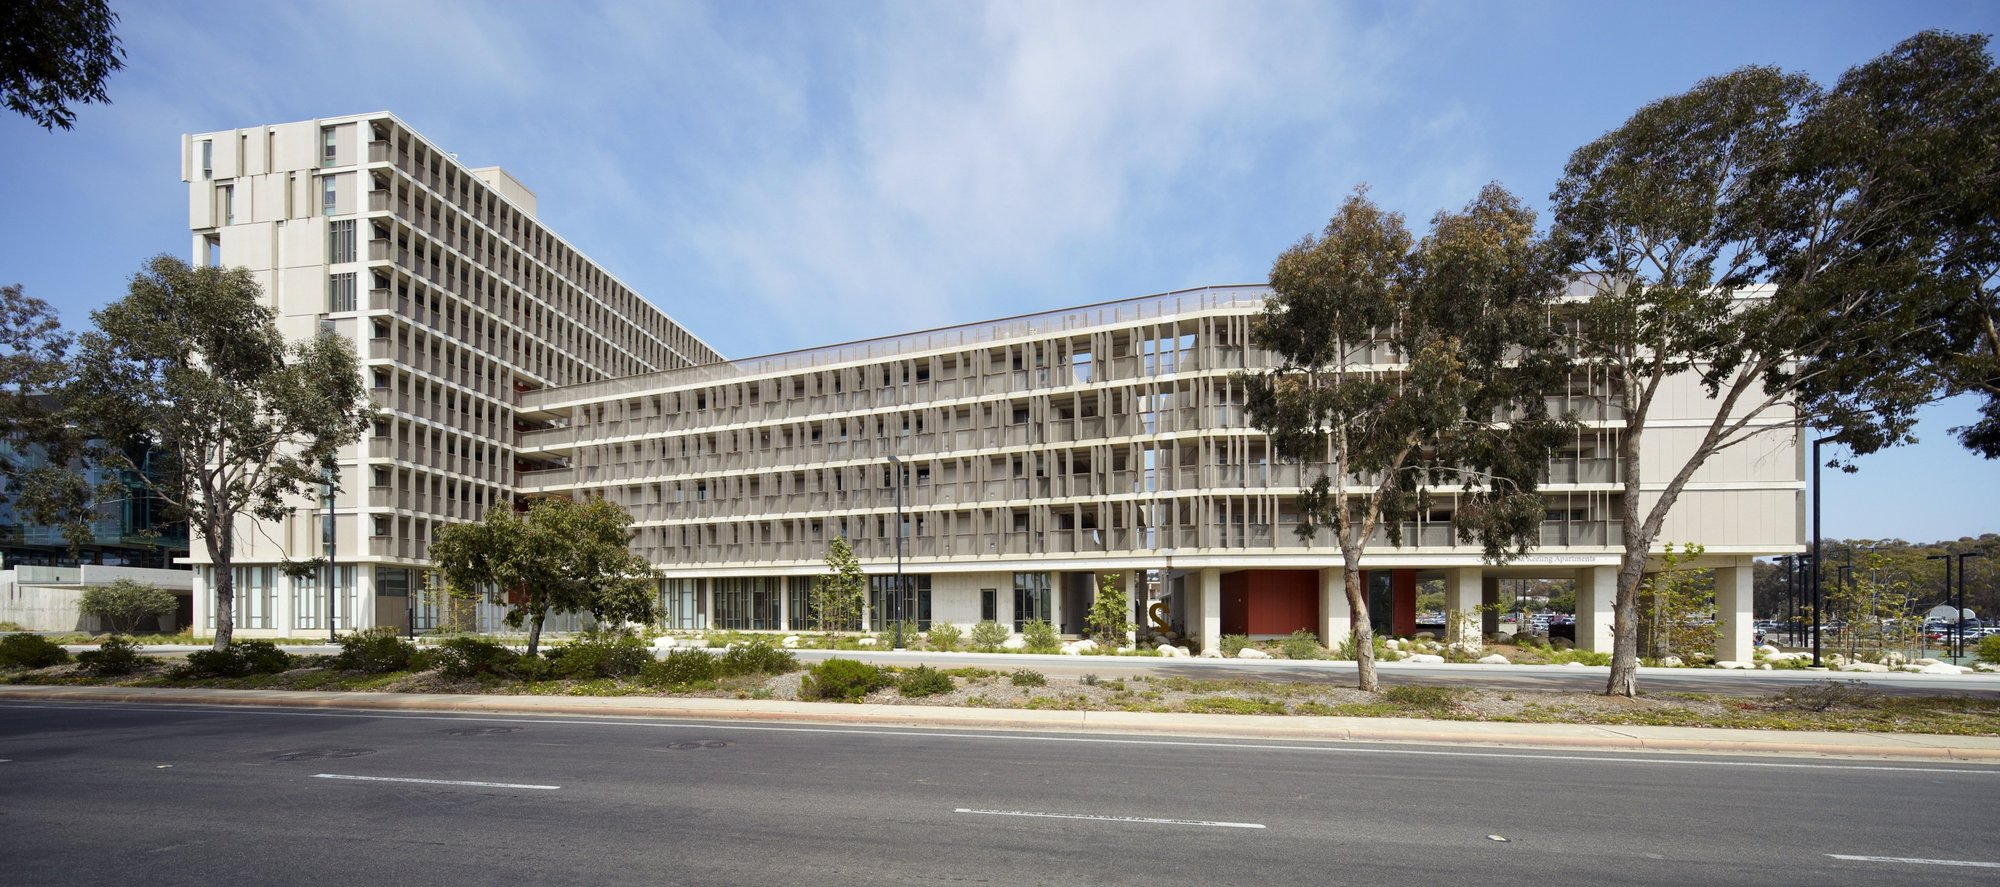 Gallery Of Aia California Council S 2012 Design Award Recipients 15